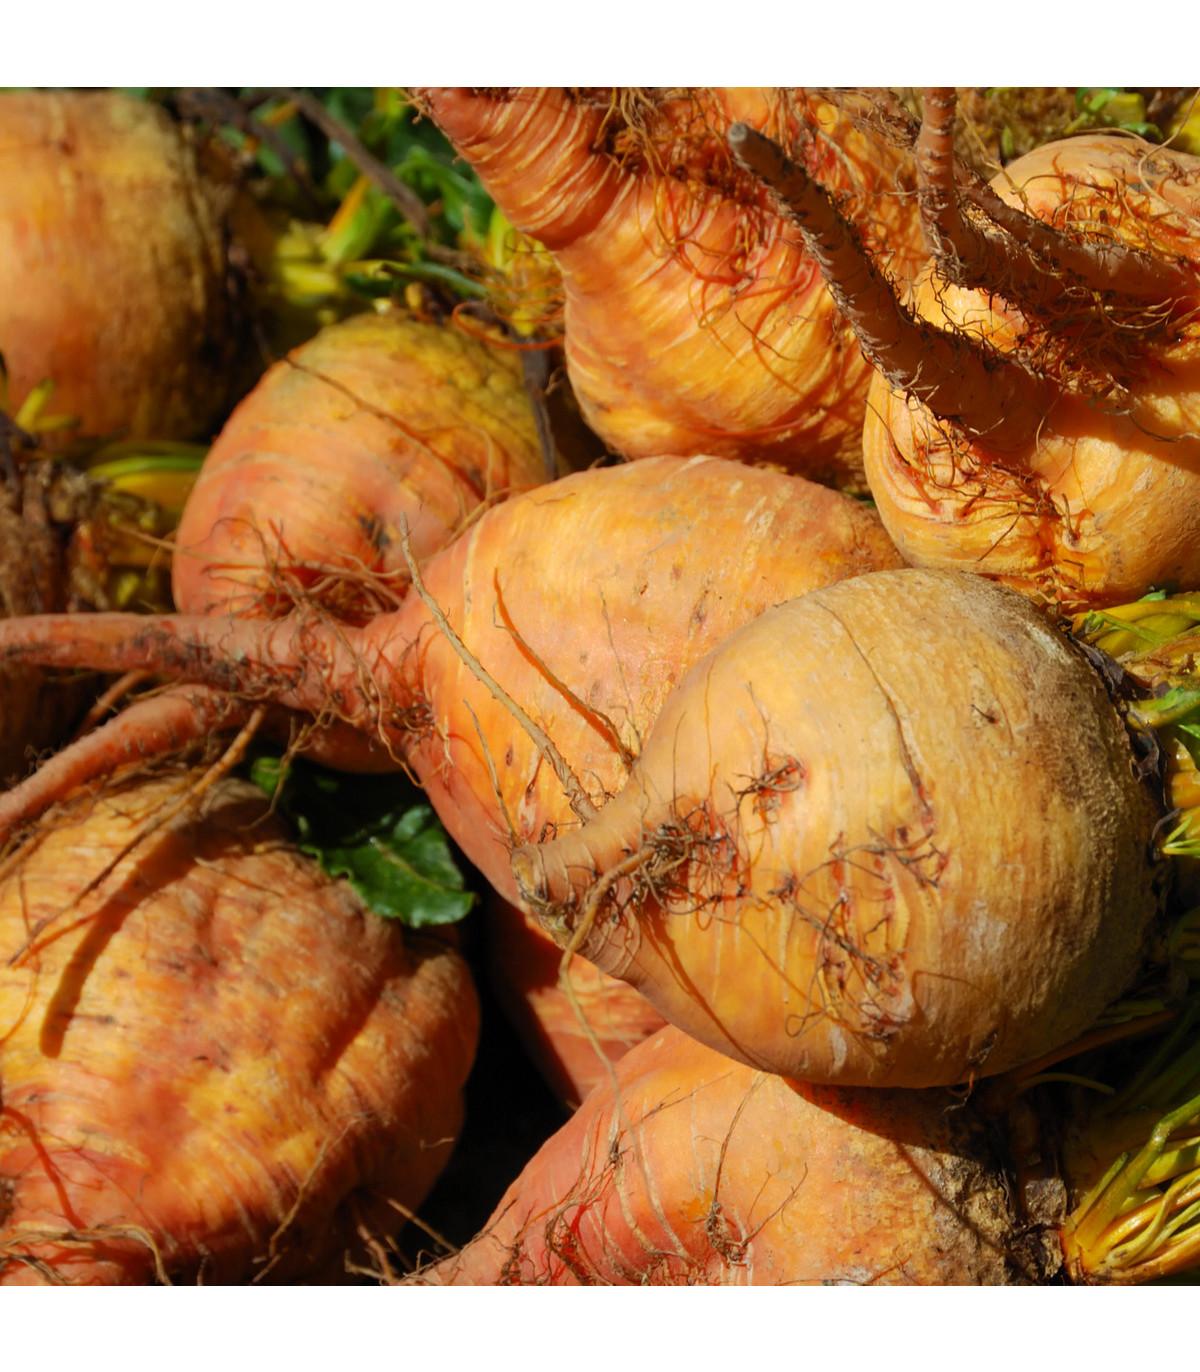 Ředkev salátová žlutá - Burpees Golden - prodej semen řepy - 1 gr